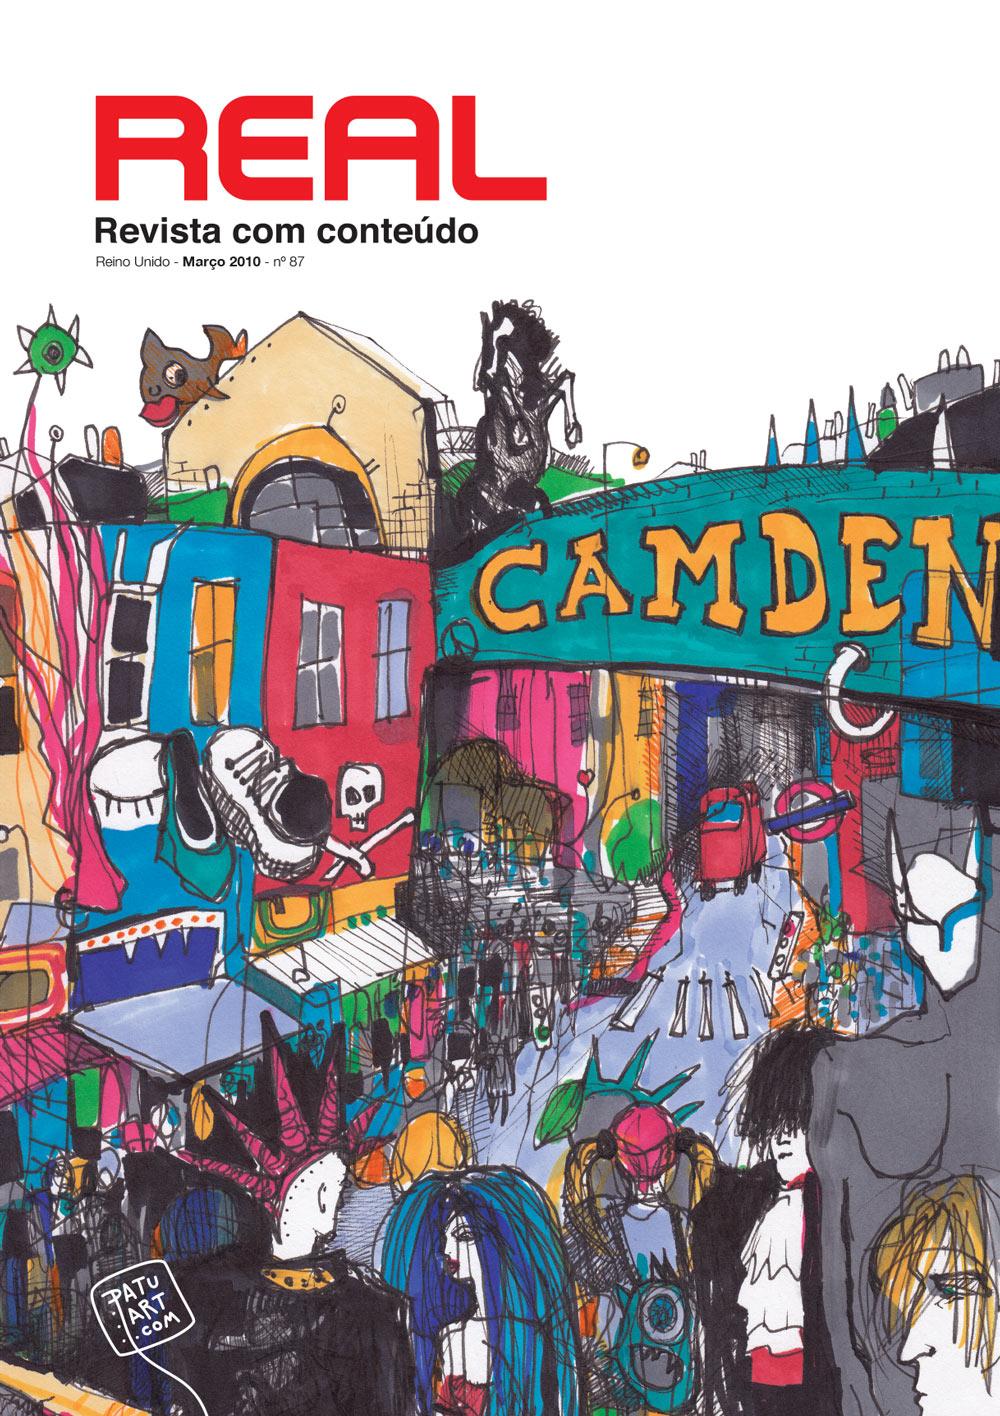 patu_camden_cover_1000px.jpg